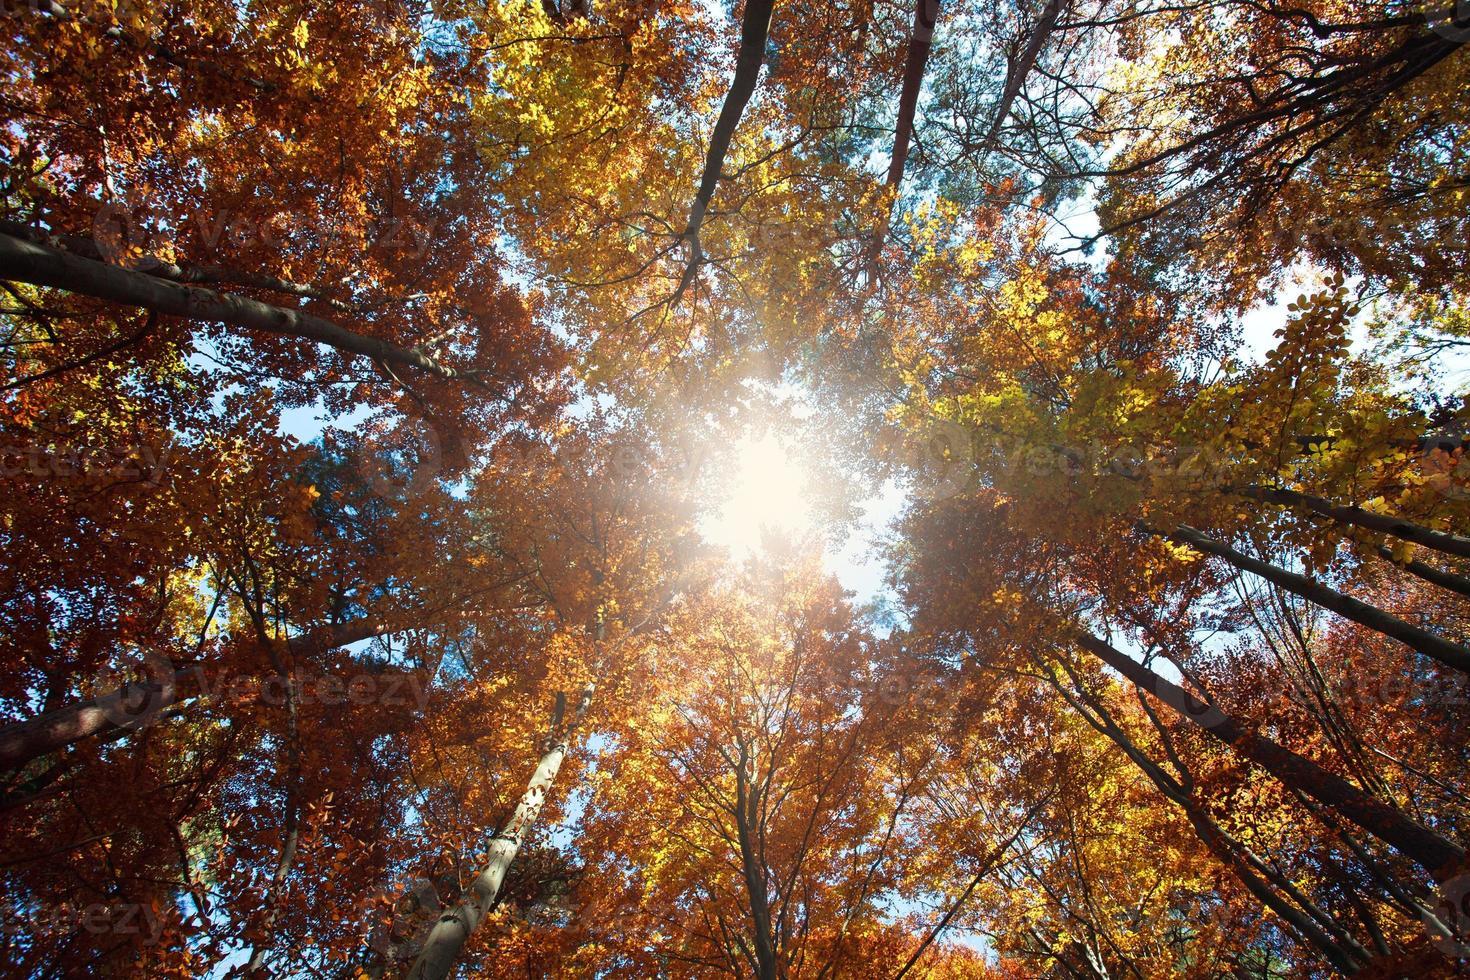 natur bakgrund färgglada höst skog, på solen skiner foto